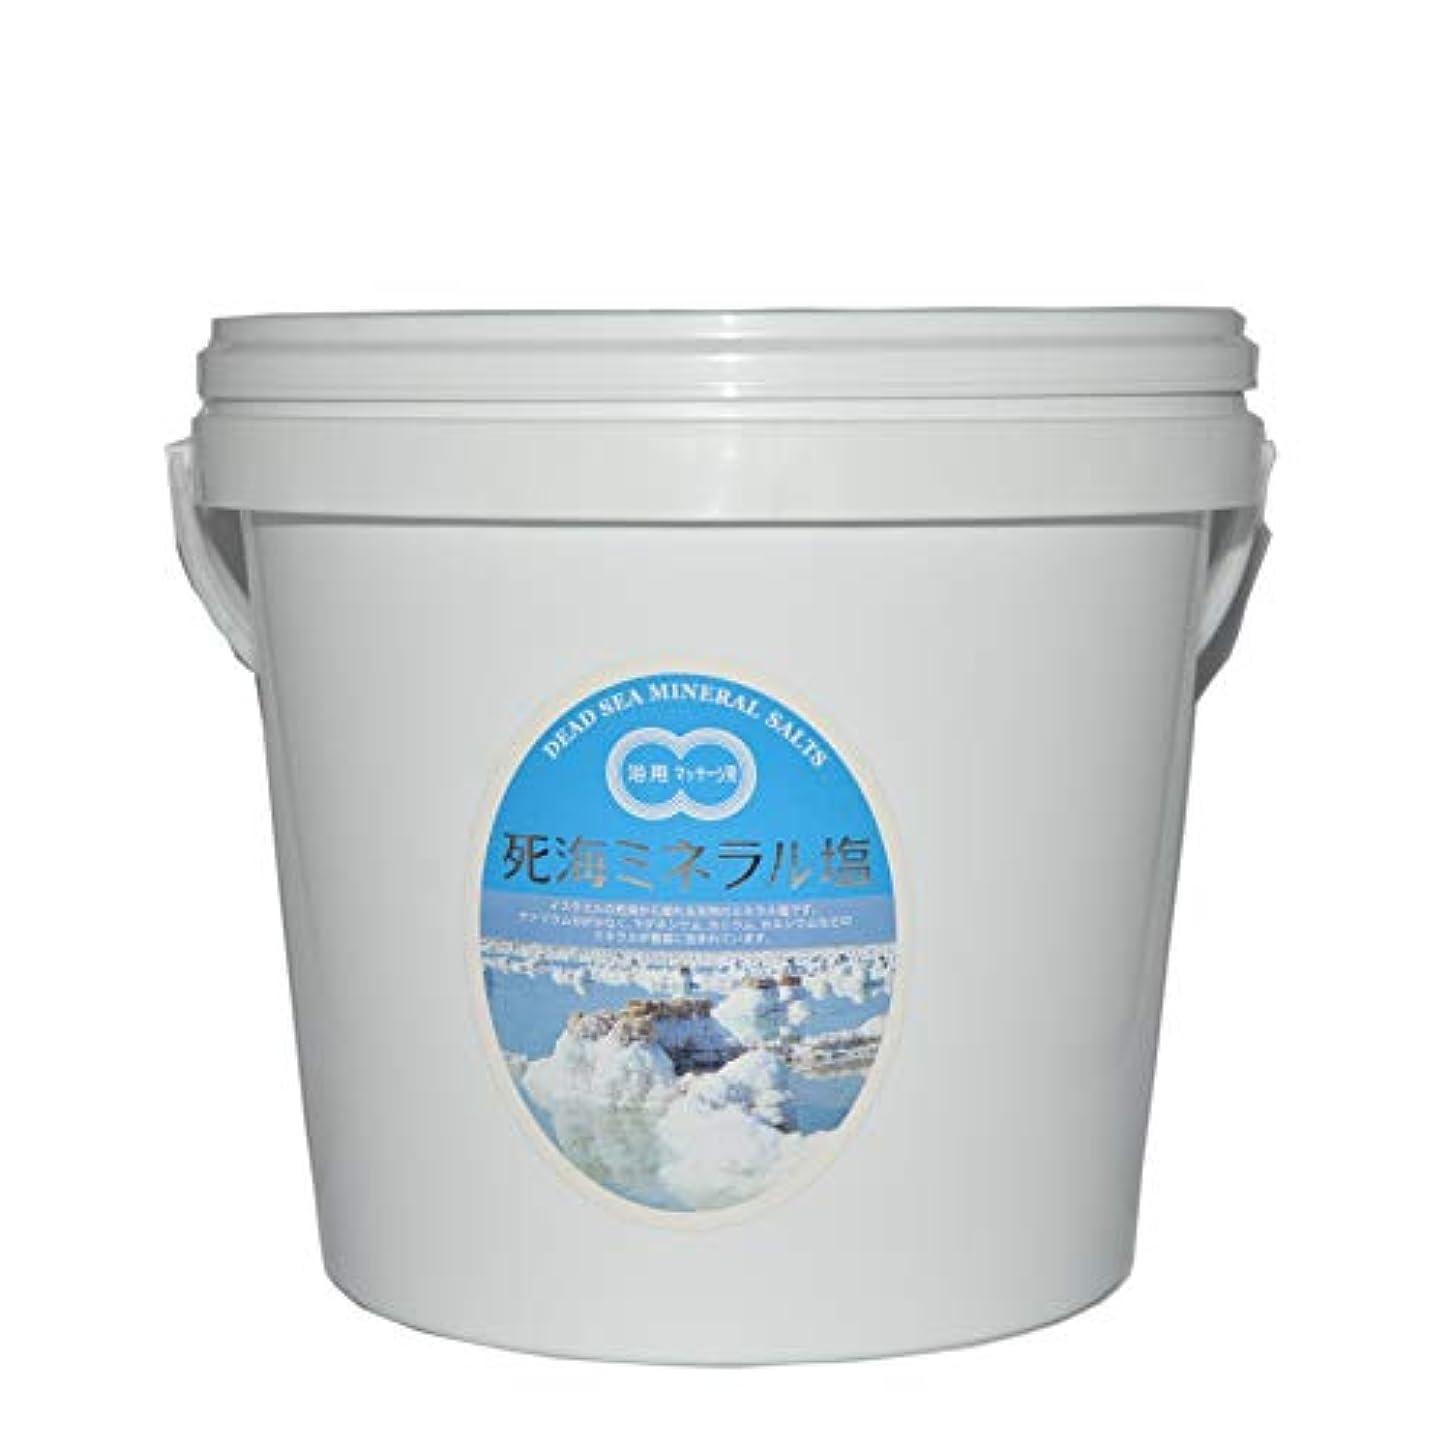 常習的一般的にブラウザ死海ミネラル塩5kgバケツ